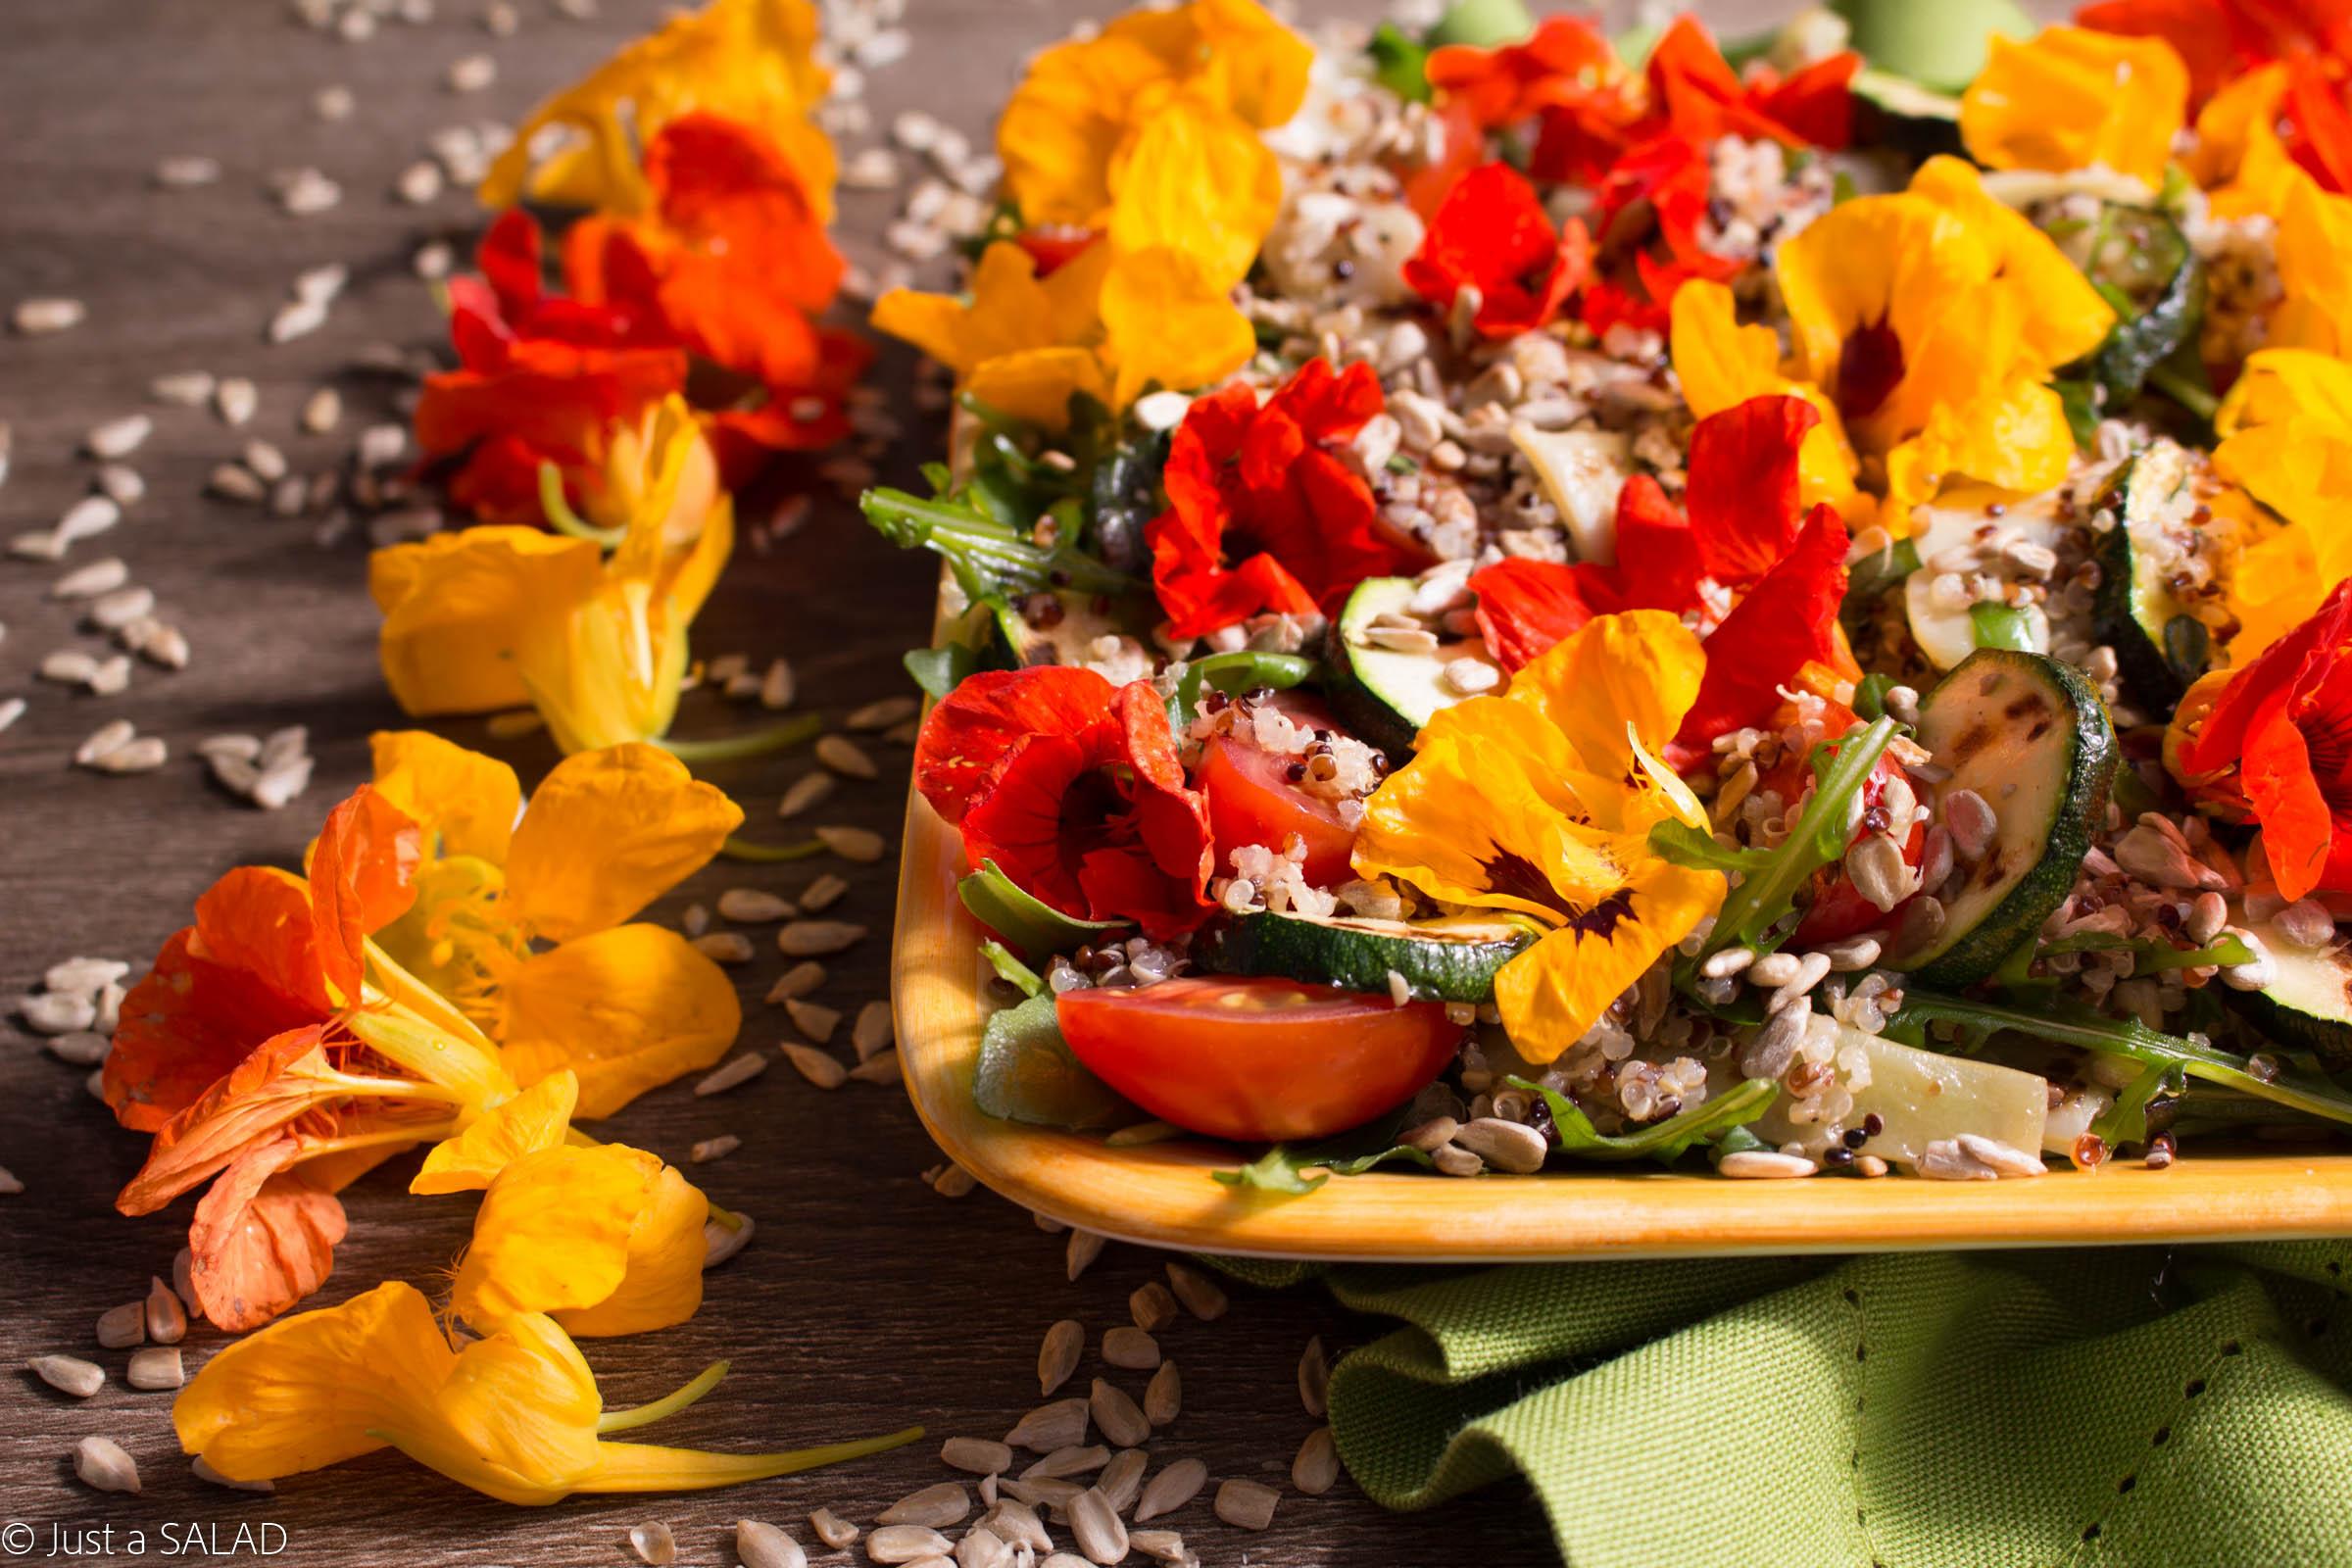 Sałatka z komosą ryżową, rukolą, fasolą mamut, cukinią, pestkami słonecznika i kwiatami nasturcji.